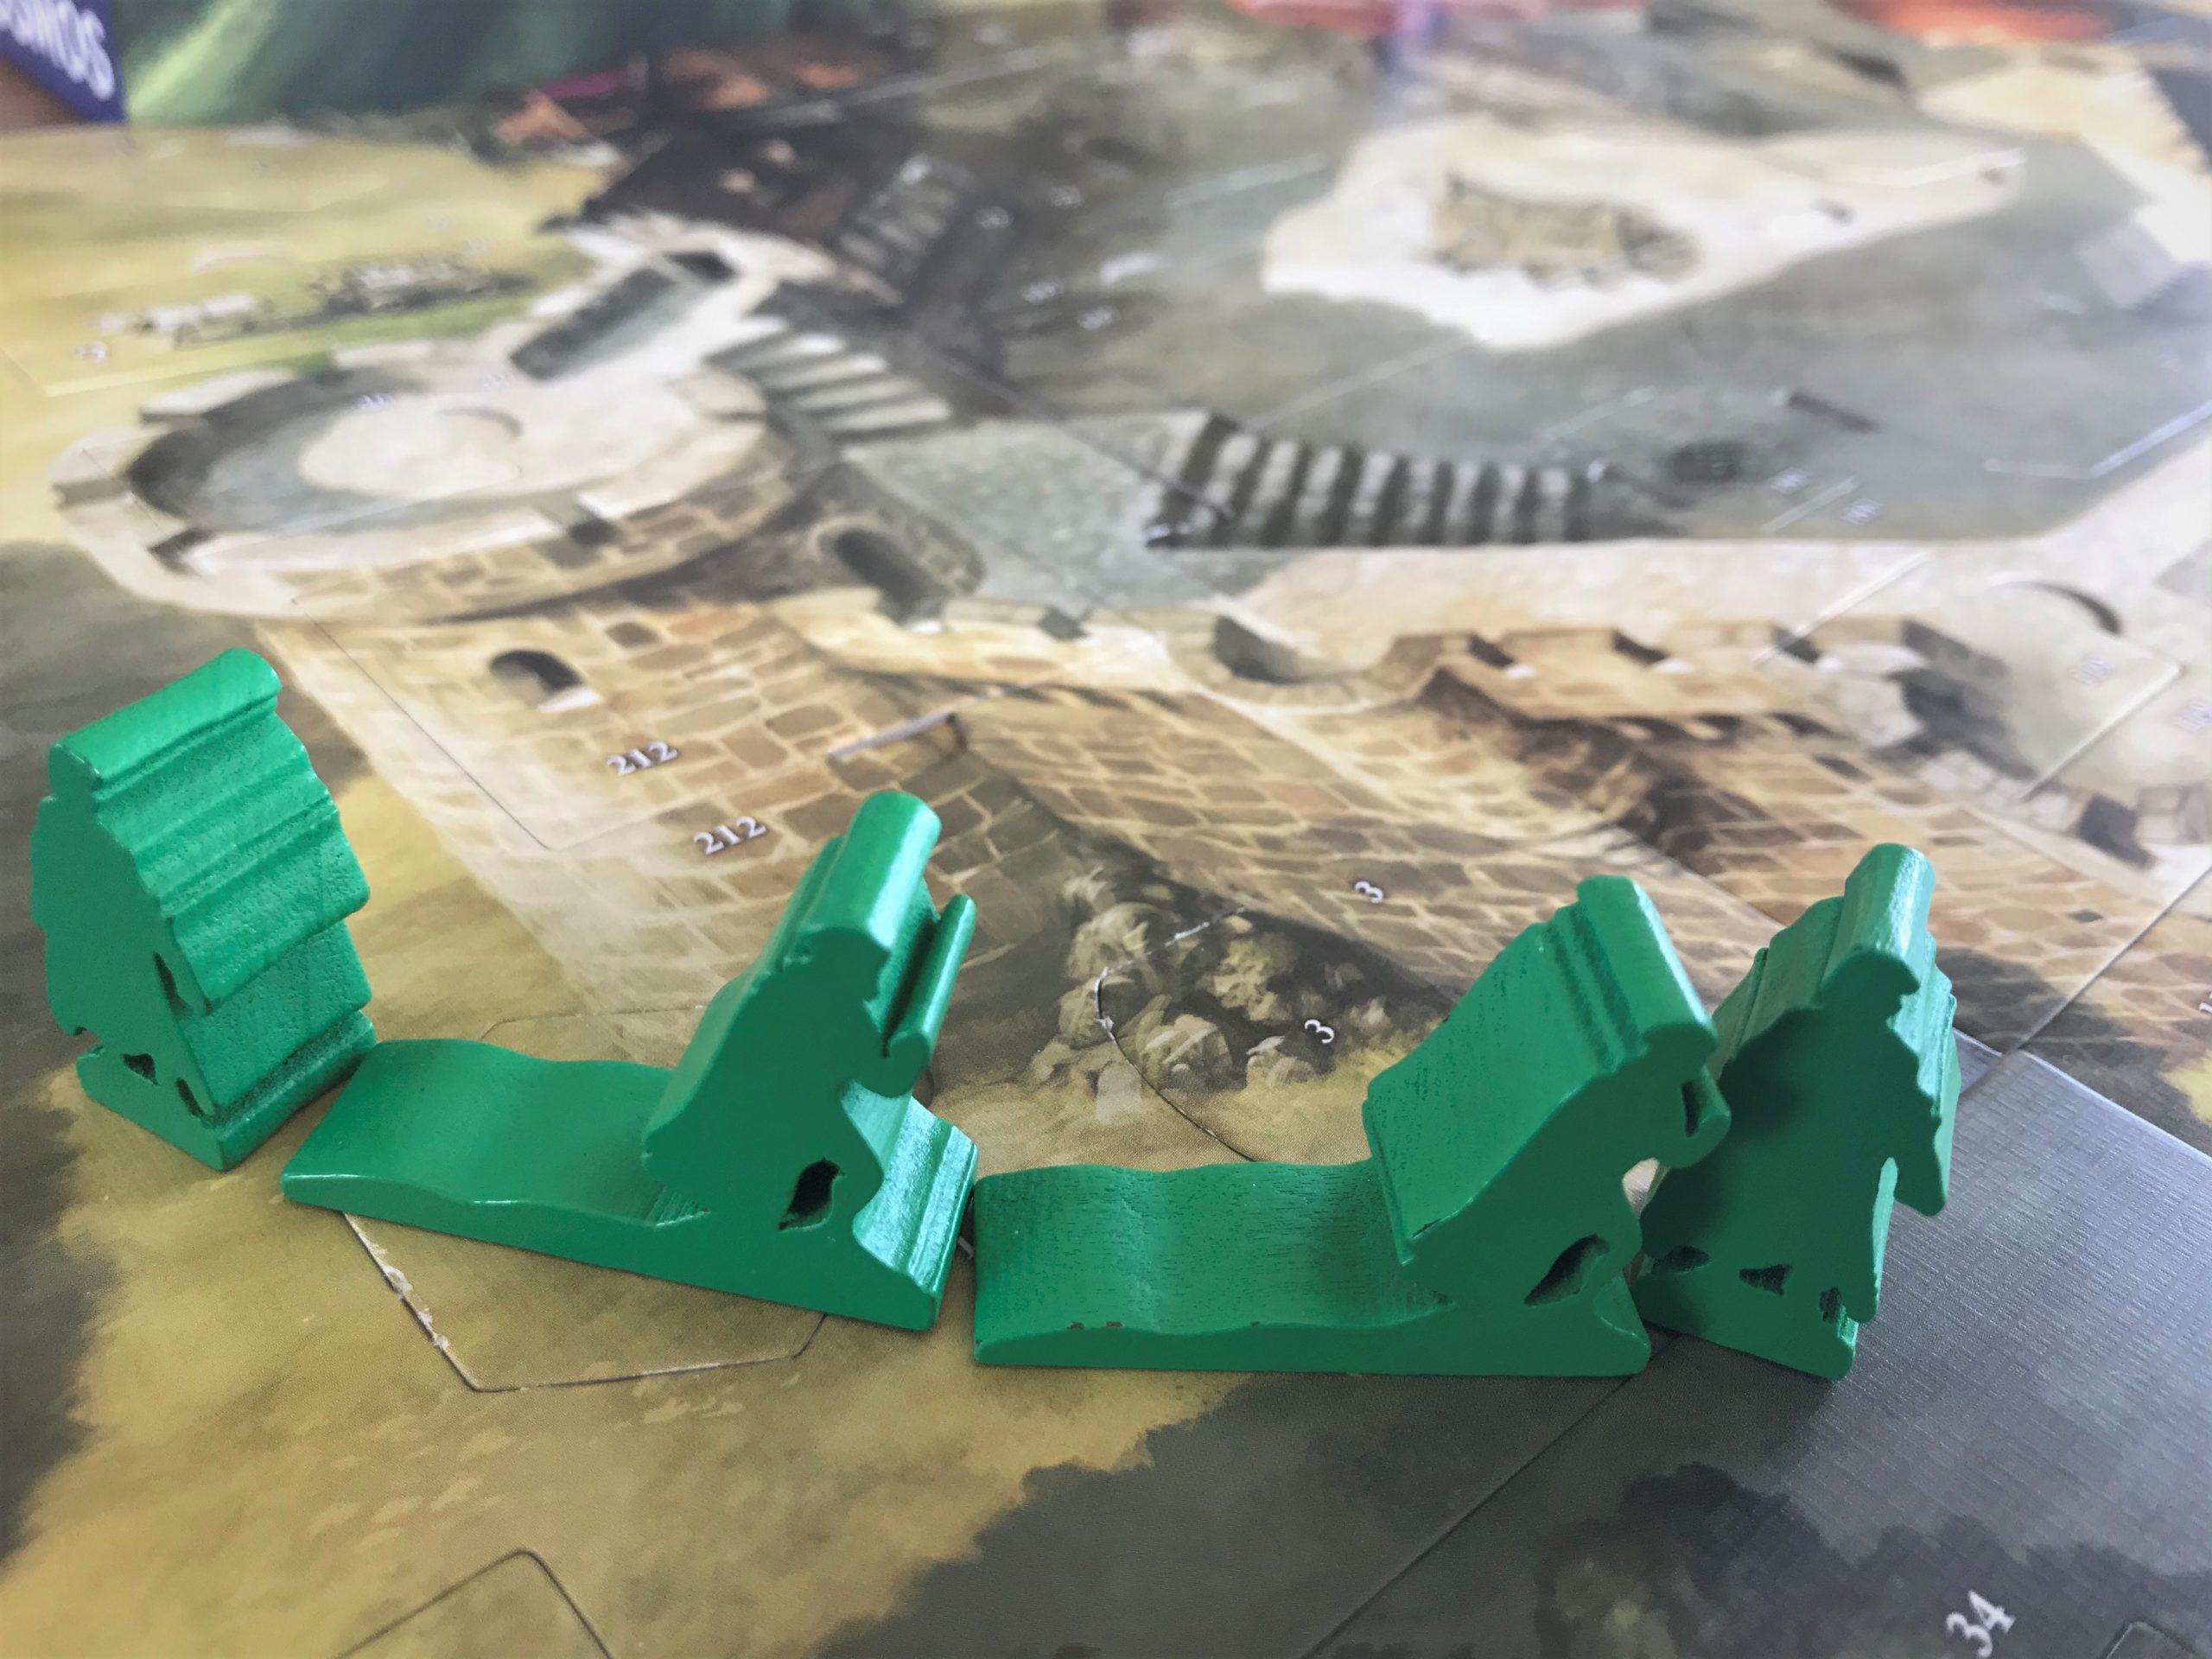 Mit Holzfiguren bewegen sich die Held:innen über den Spielplan